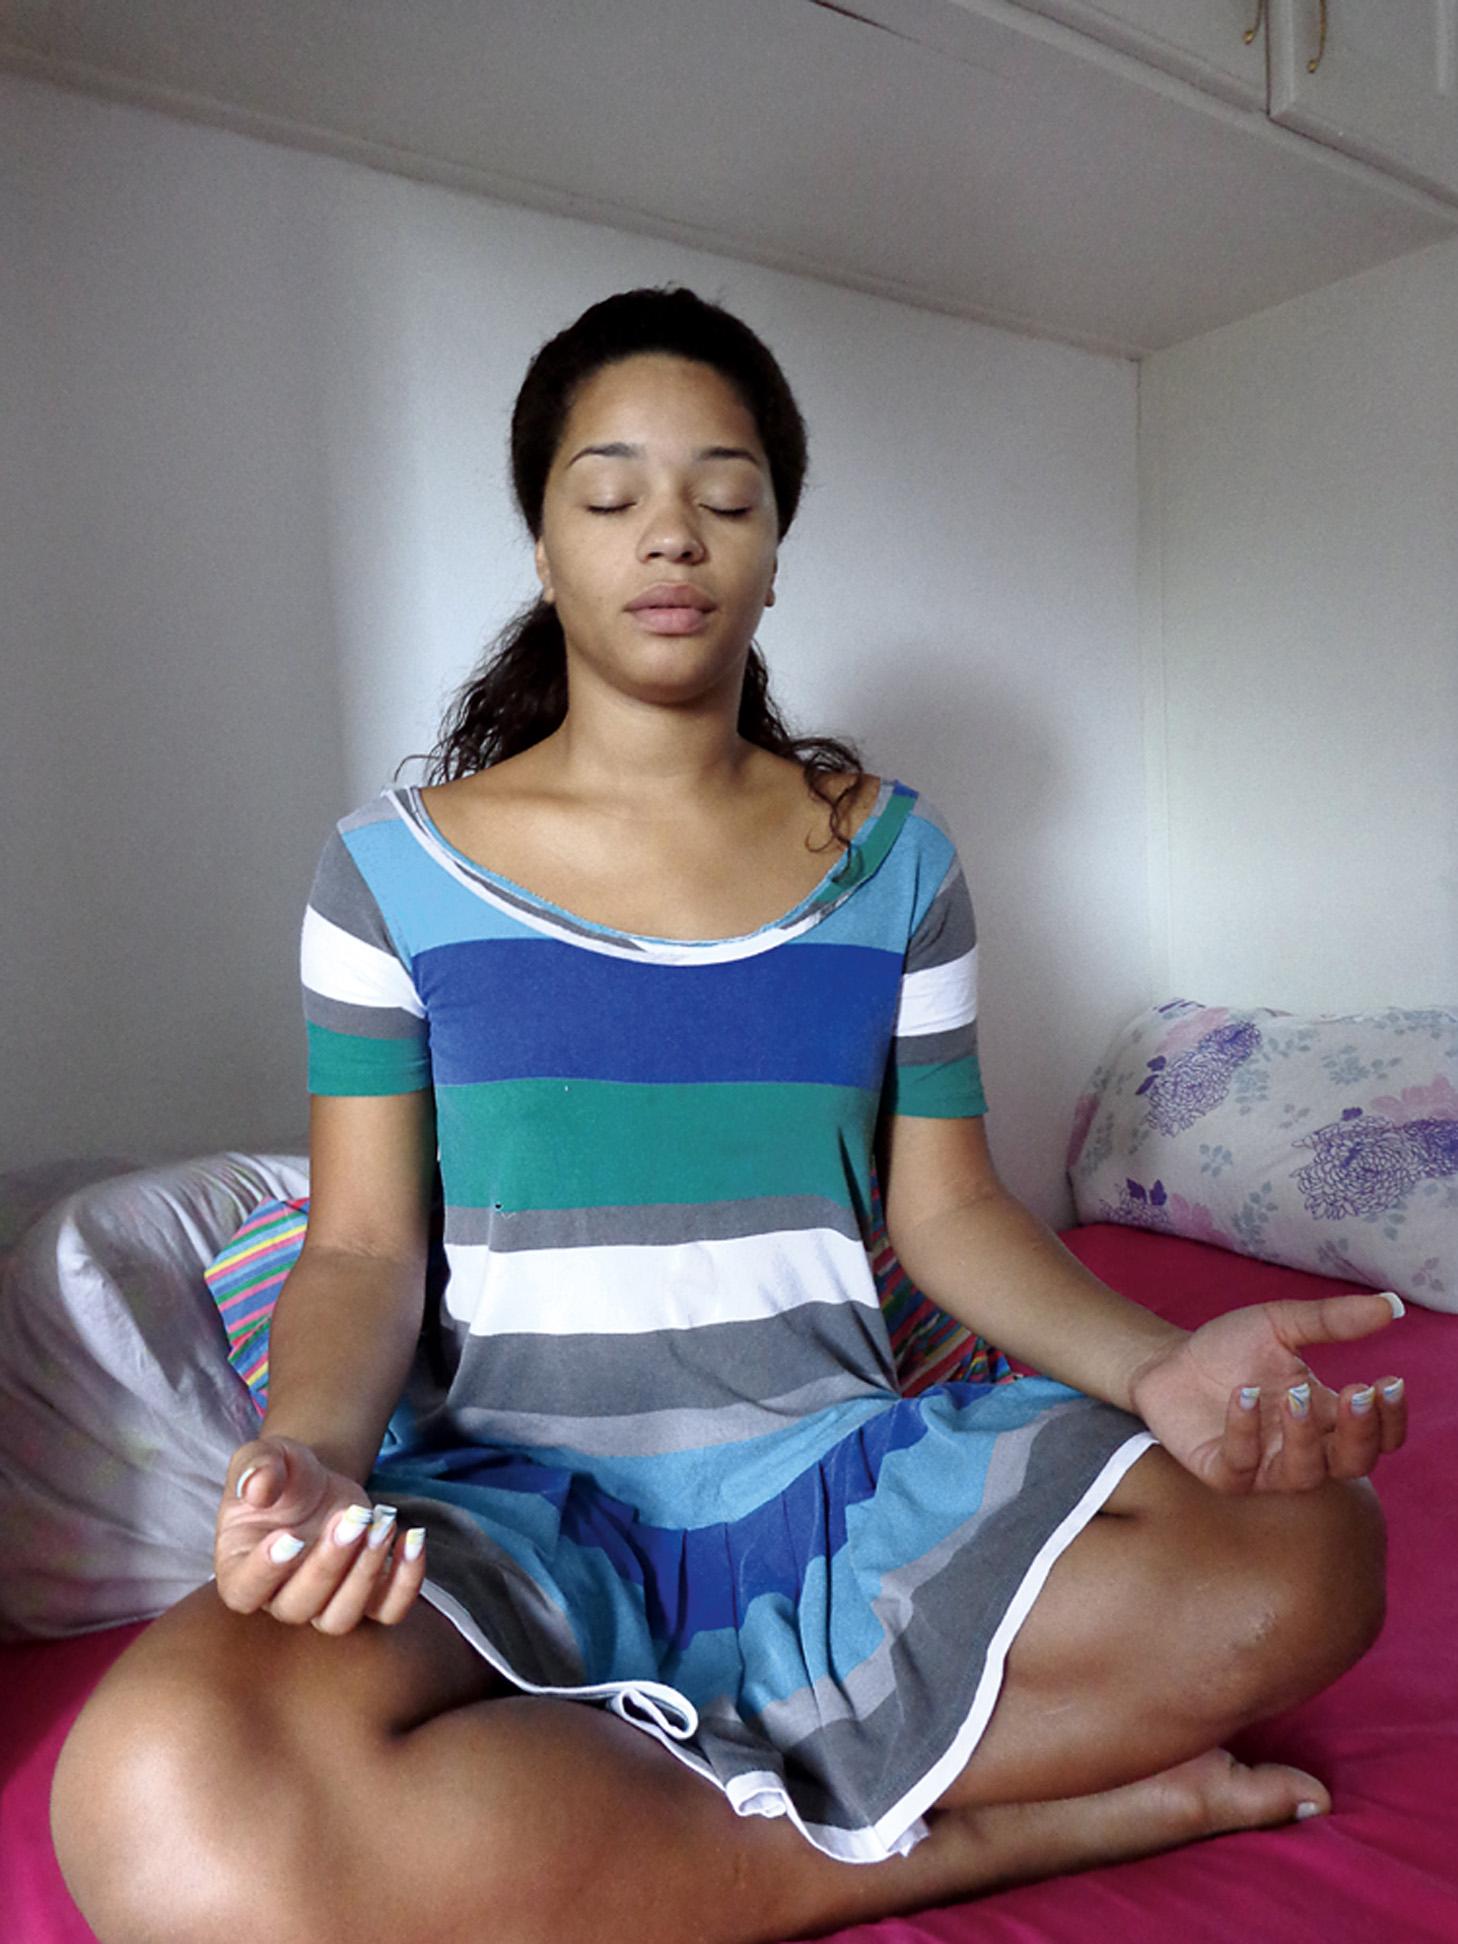 08:00 - Para começar bem o dia, acendo um incenso e faço uma oração.